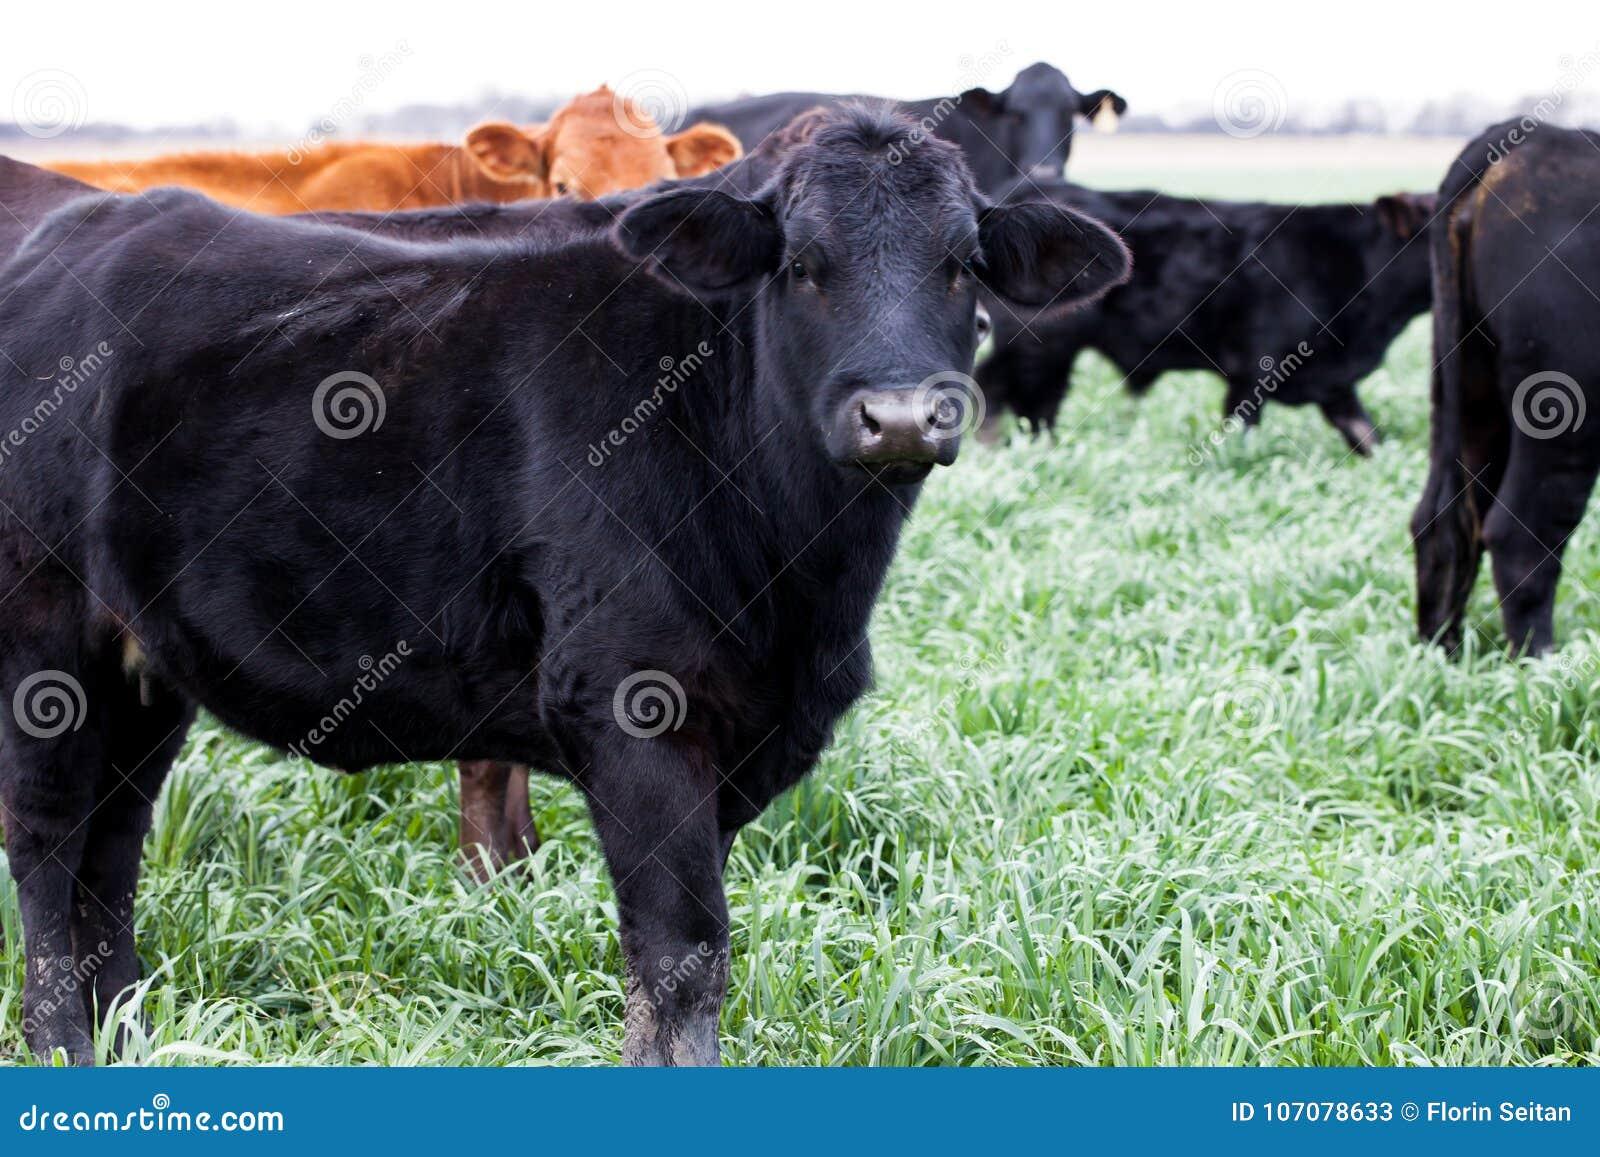 Svärta och bryna Angus nötkreatur på en lantgård/en ranch